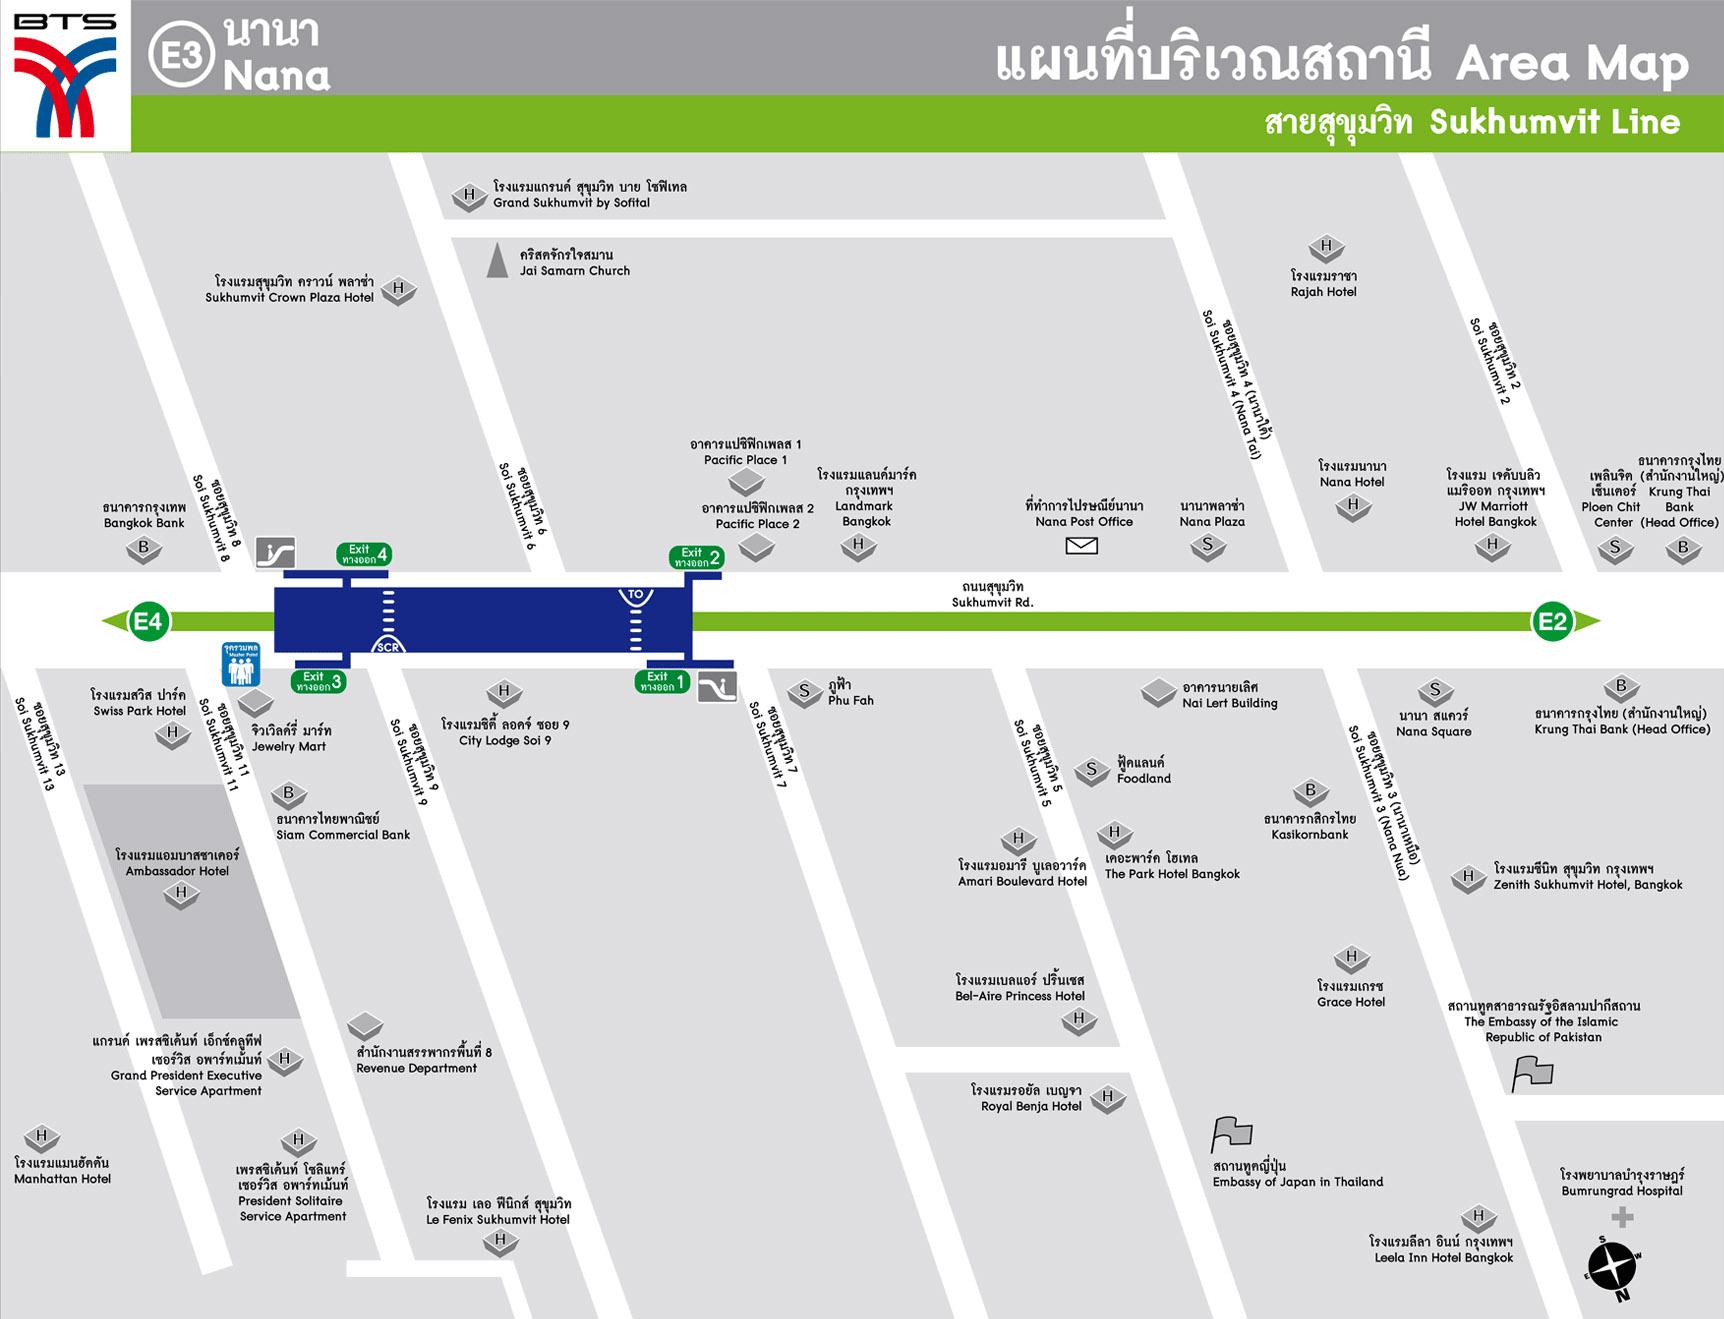 Karta Nana Skytrain station Bangkok